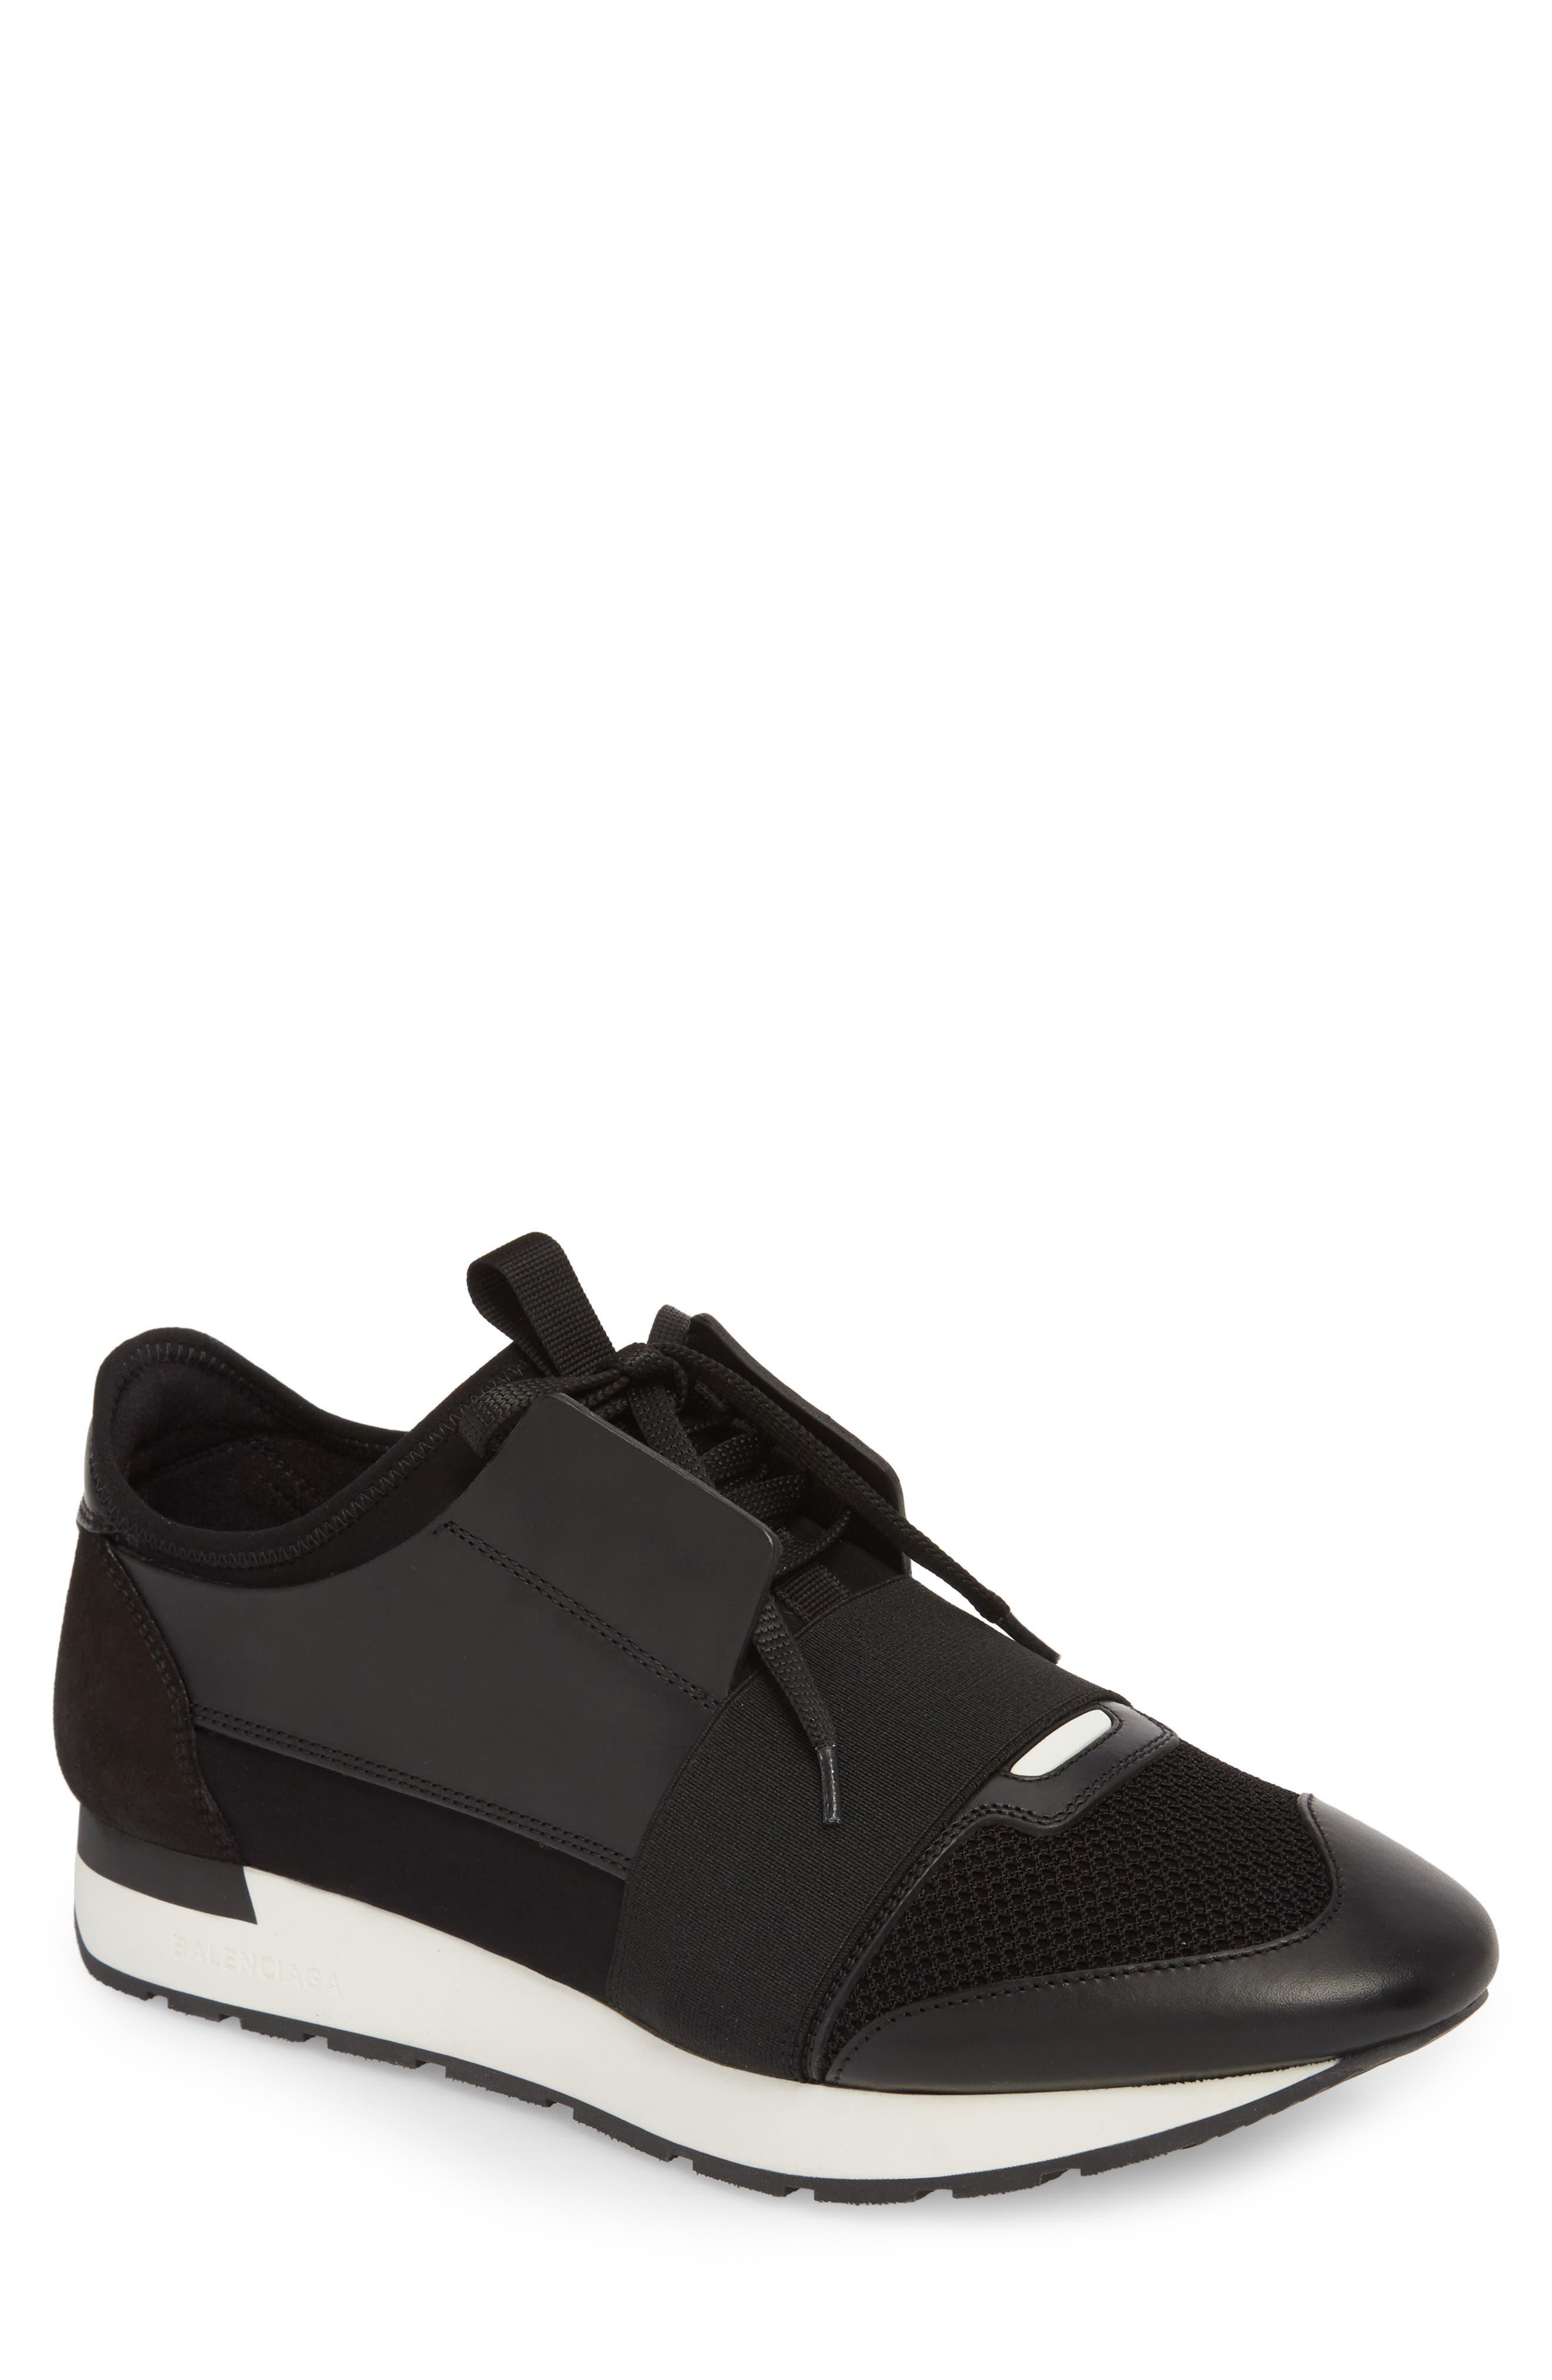 Race Runner Sneaker,                             Main thumbnail 1, color,                             Noir/ Black